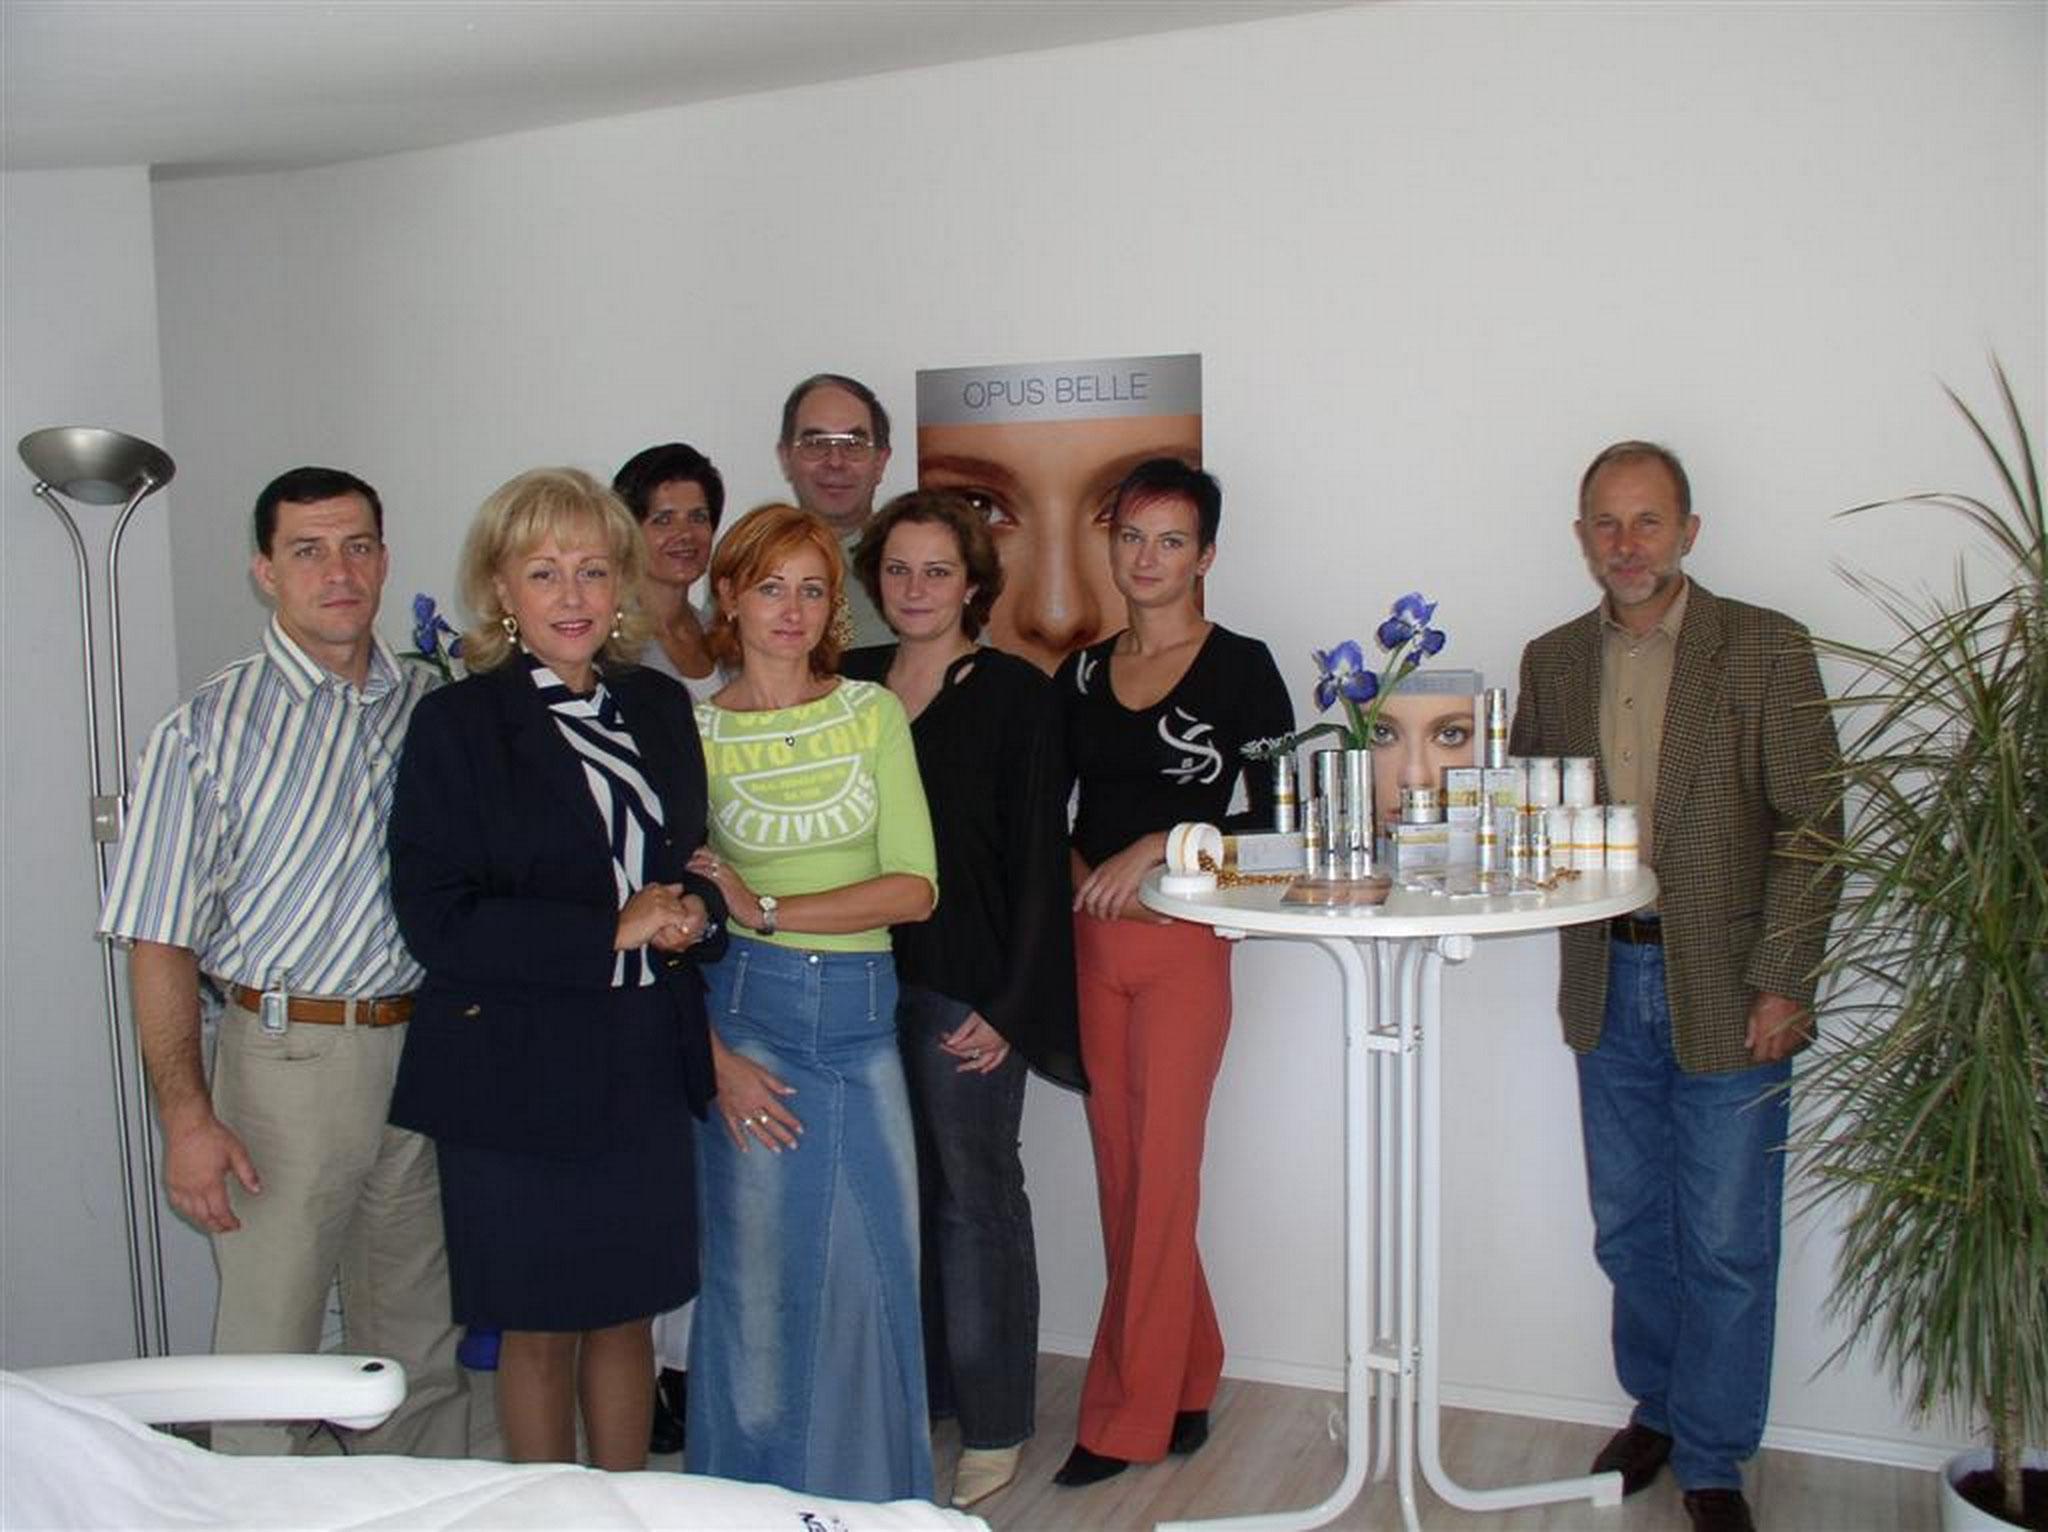 Danka Kosakova from Slovakia in Aachen 2004 and Dr. Sacher